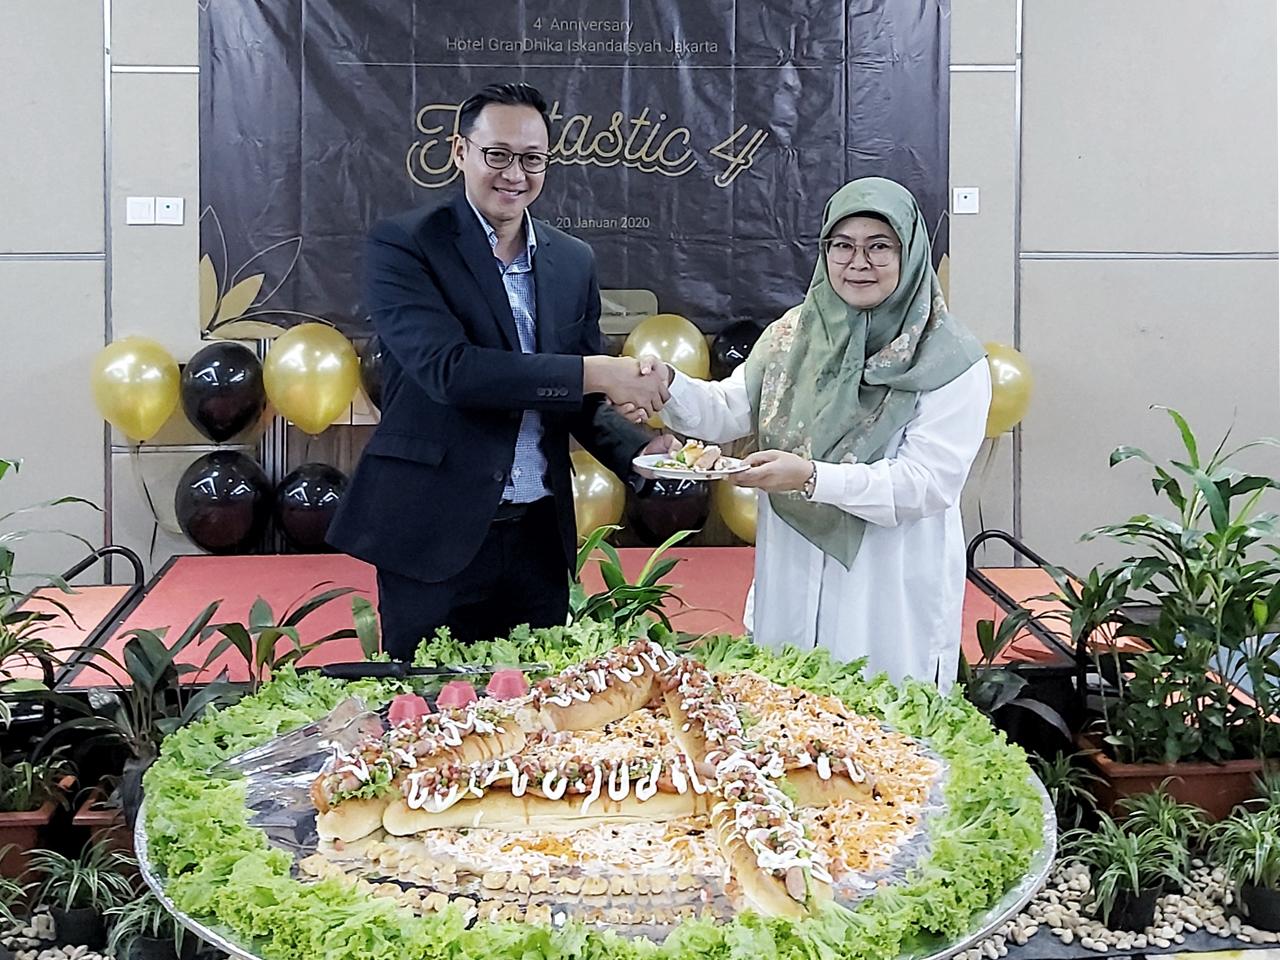 Berikan Harga Fantastic Di Ulang Tahun Ke 4 Hotel Grandhika Iskandarsyah Jakarta Grandhika Hotel